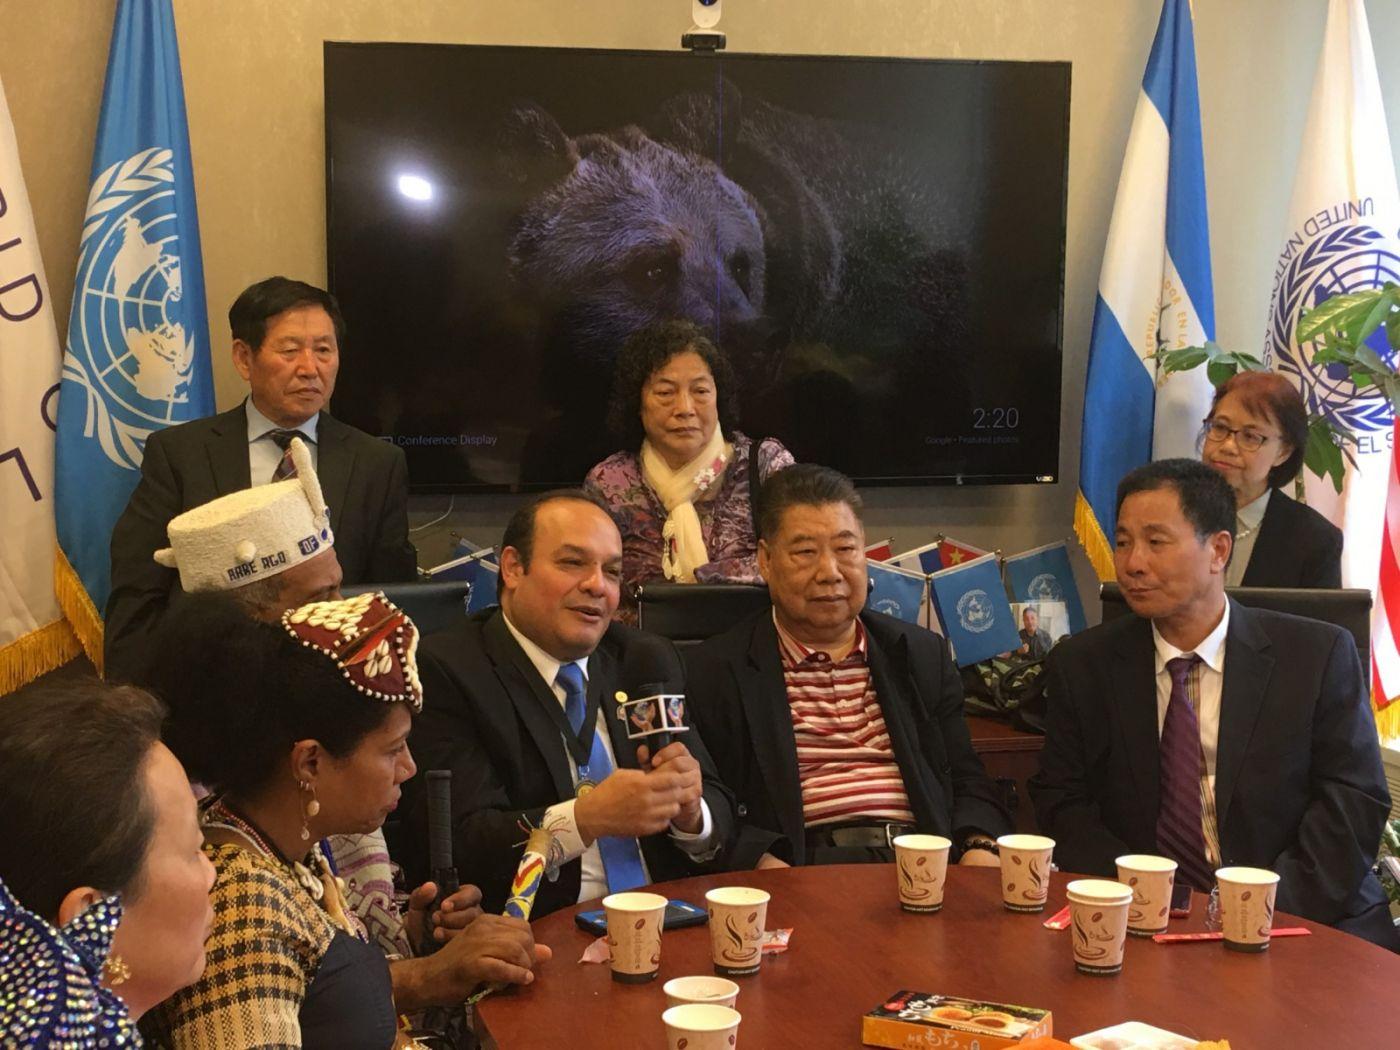 聯合國中華媽祖文化發展基金會受邀参加聯合國納尔遜.曼德拉国际日的一系列活动 ..._图1-14